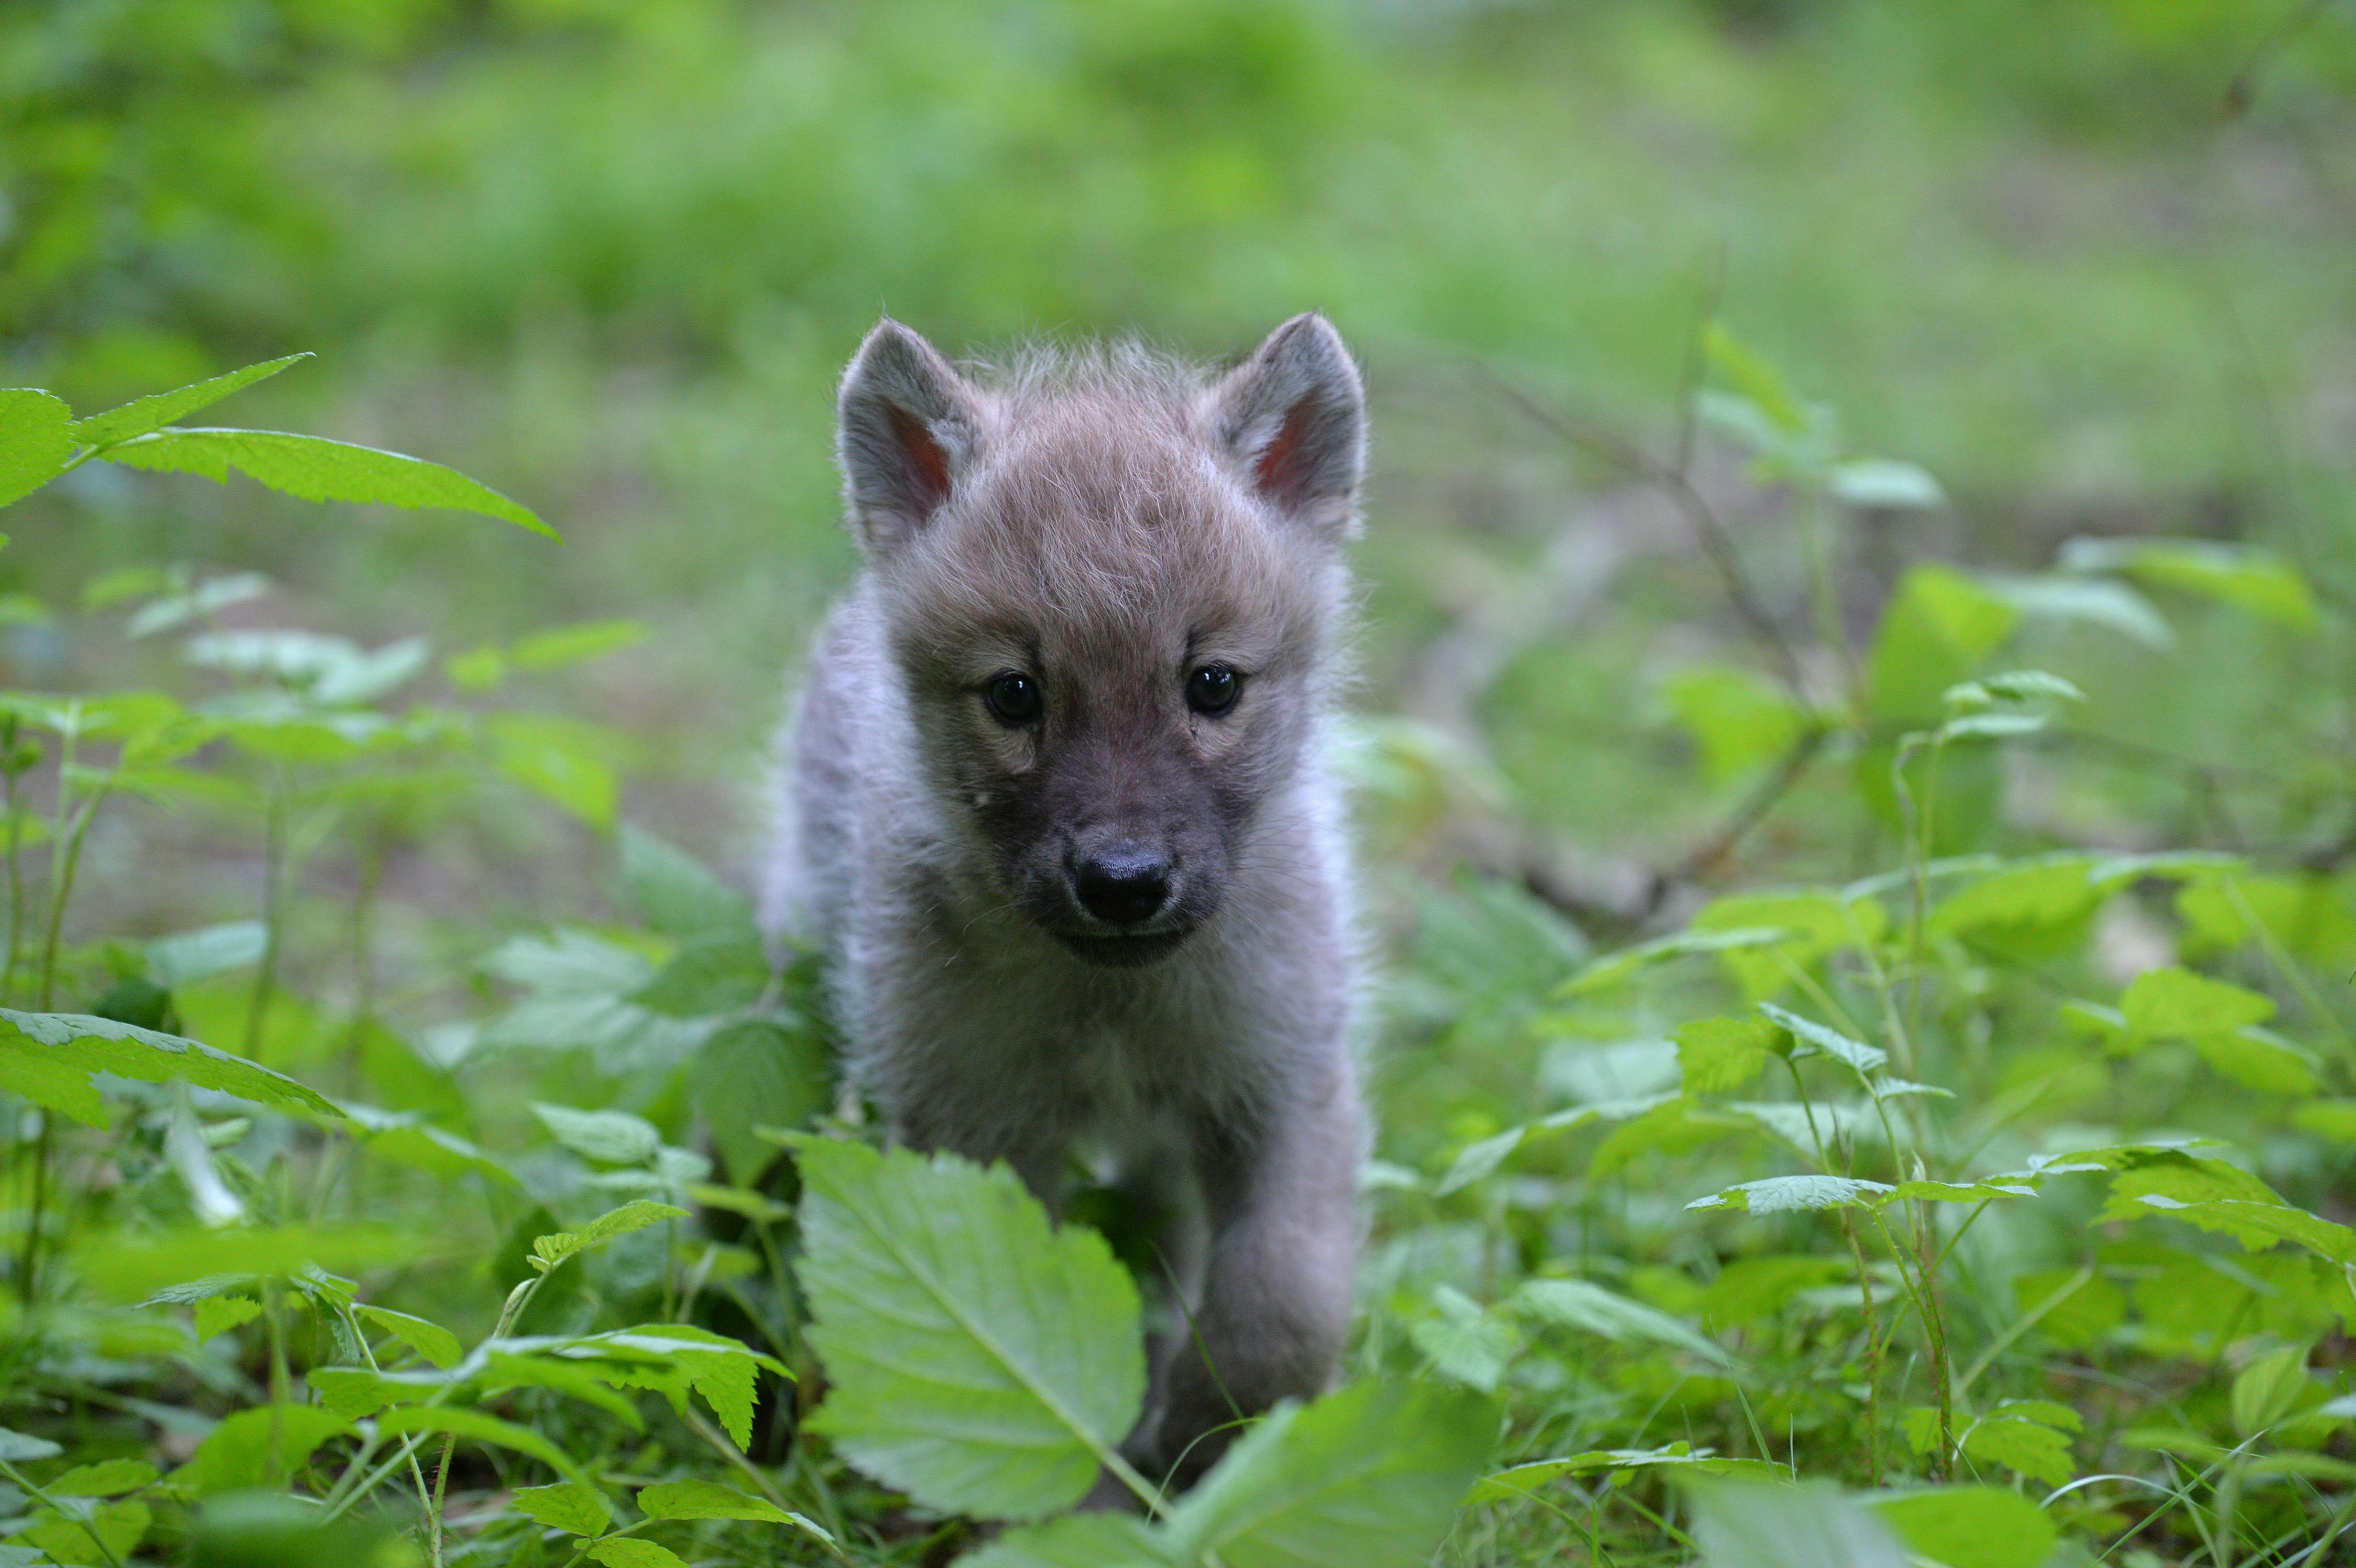 A nemzeti park kéri, hogy senki ne induljon farkaskölyköket keresni a Bükkbe